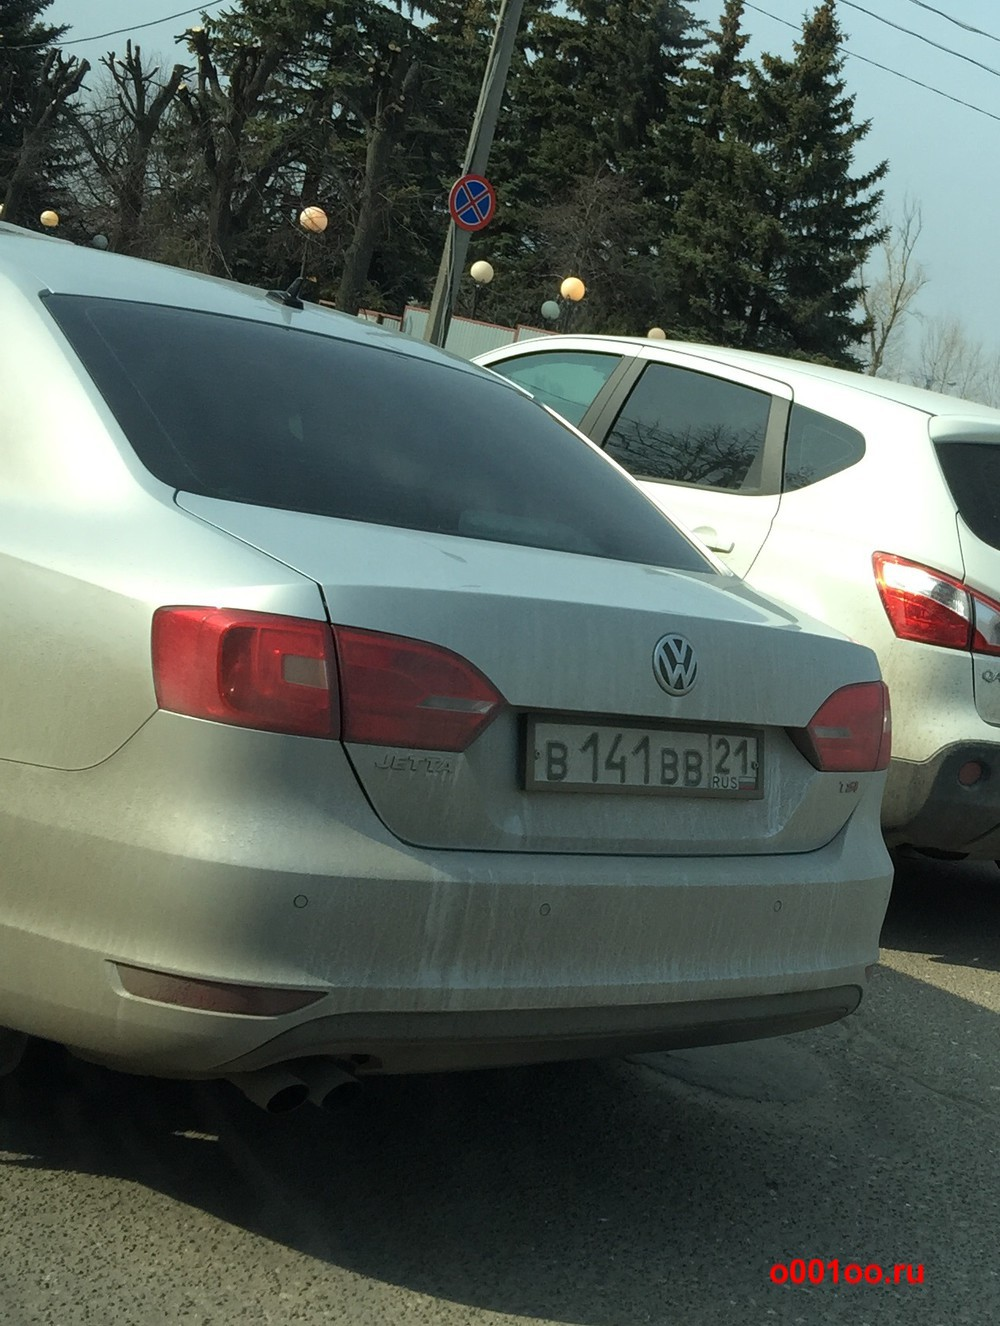 в141вв21